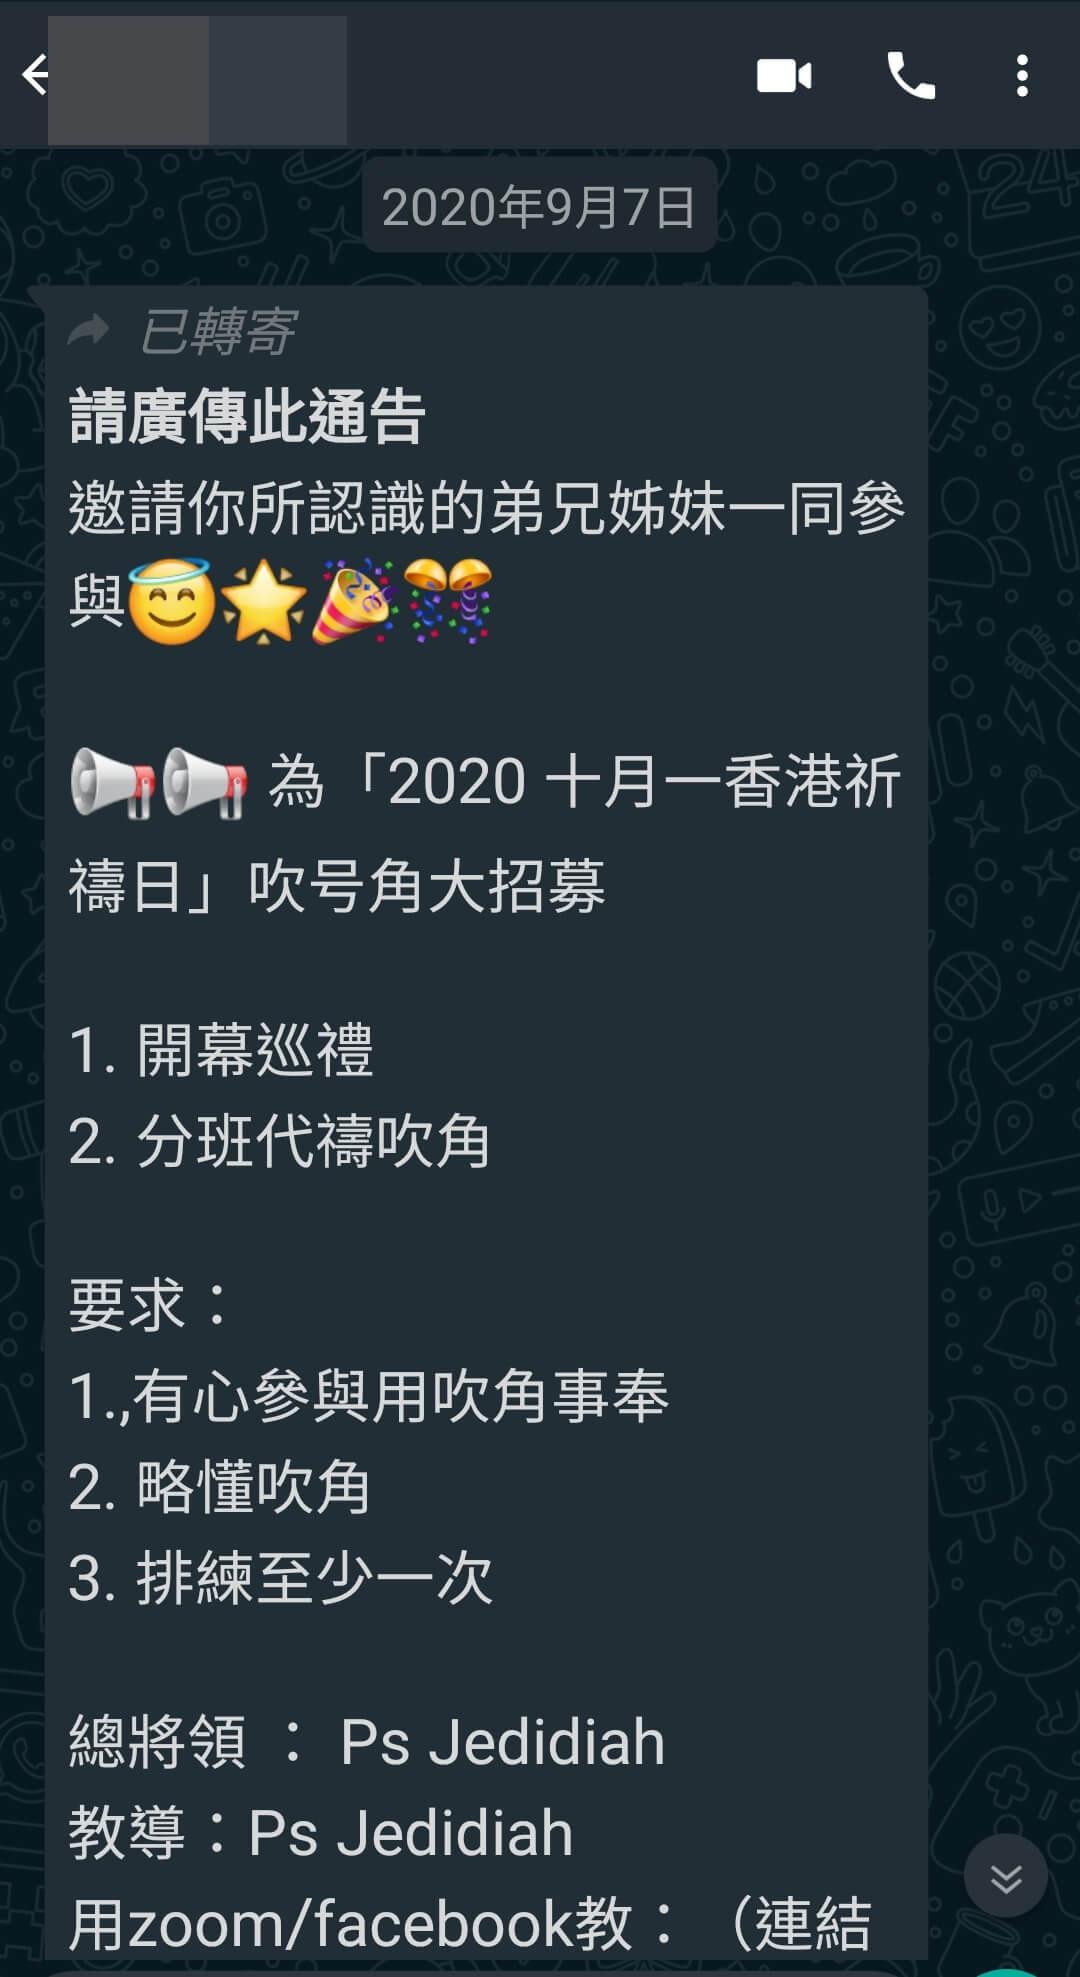 [教會攬炒]十一香港祈禱日招募吹角手 門徒籲信徒全力抵制 | 門徒媒體